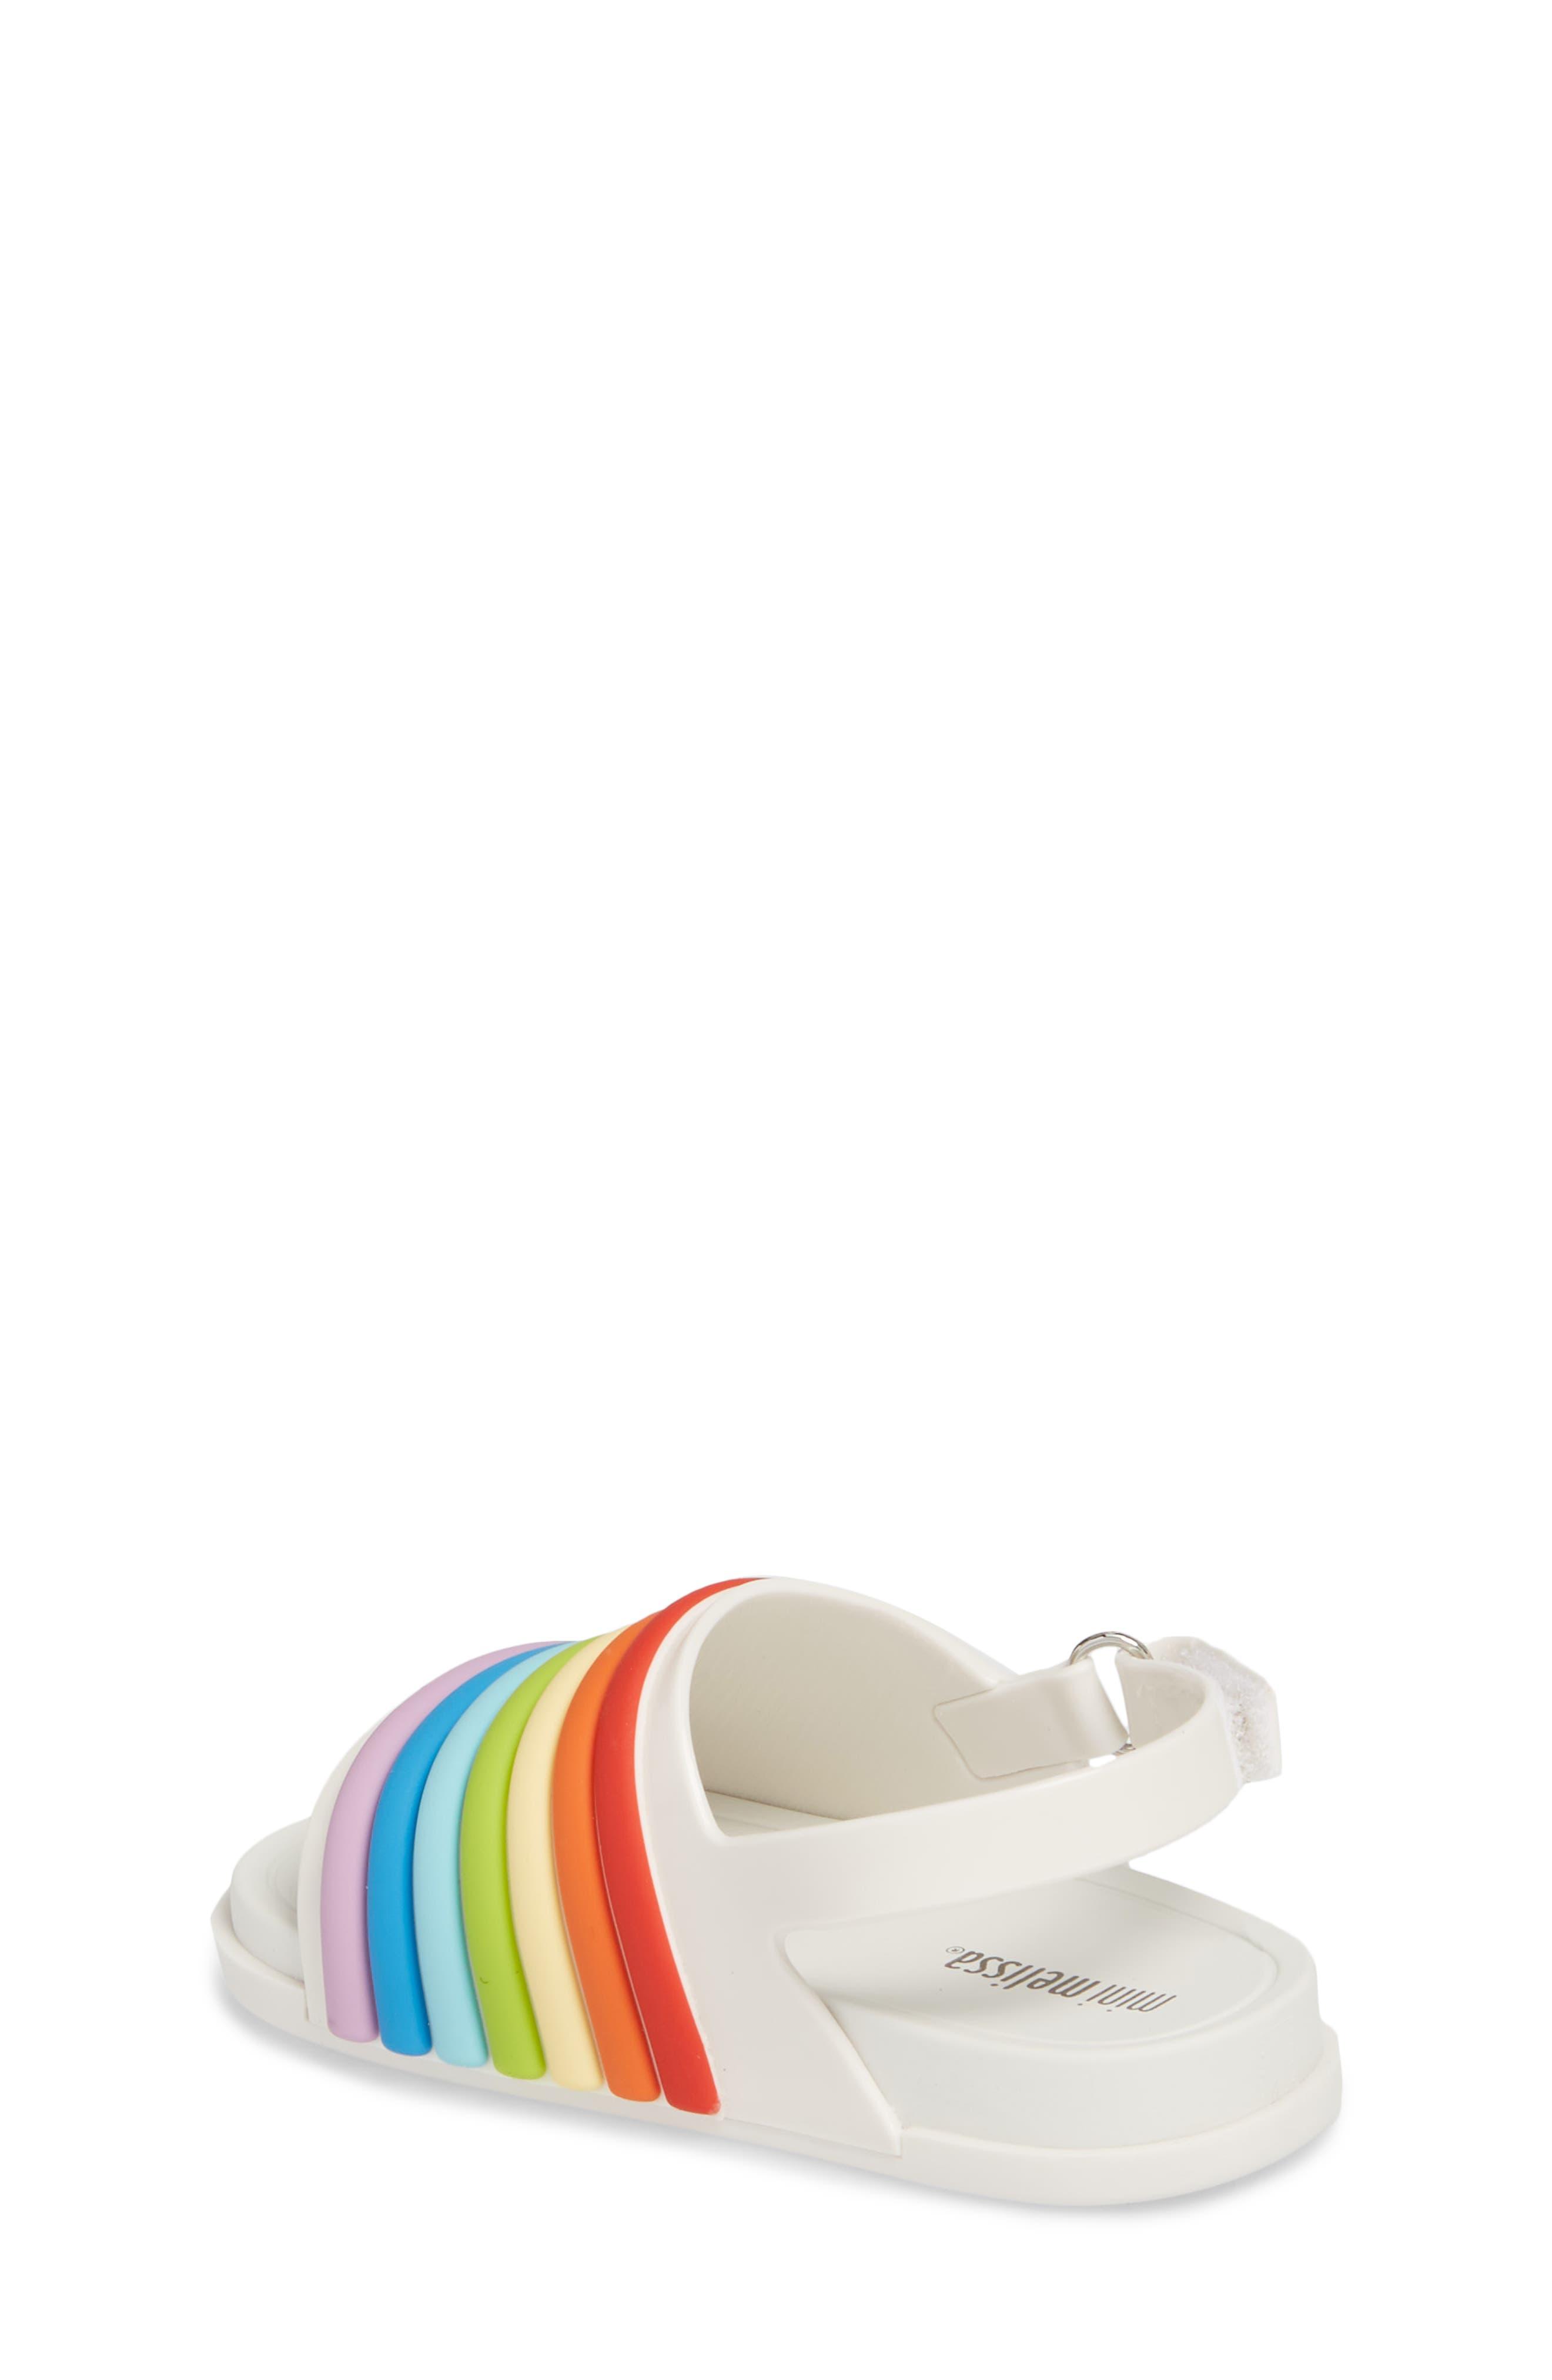 Rainbow Beach Sandal,                             Alternate thumbnail 2, color,                             100